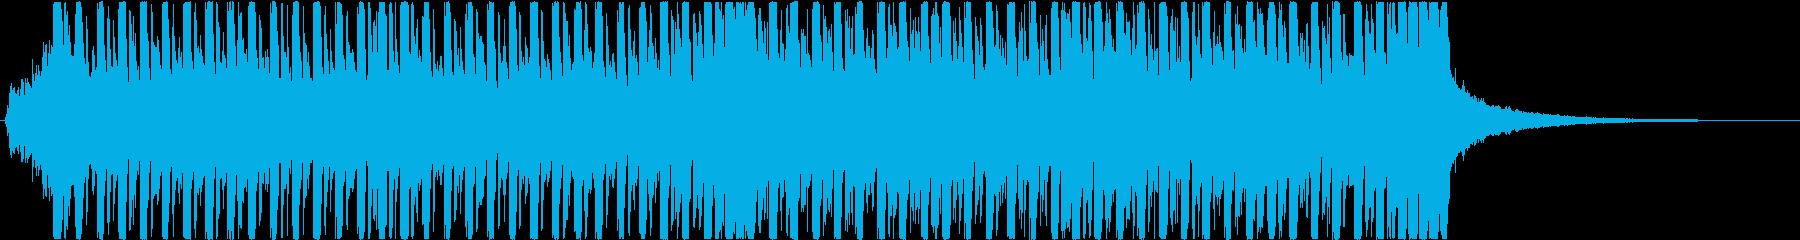 繰り返されるピアノが印象的な戦闘BGMの再生済みの波形